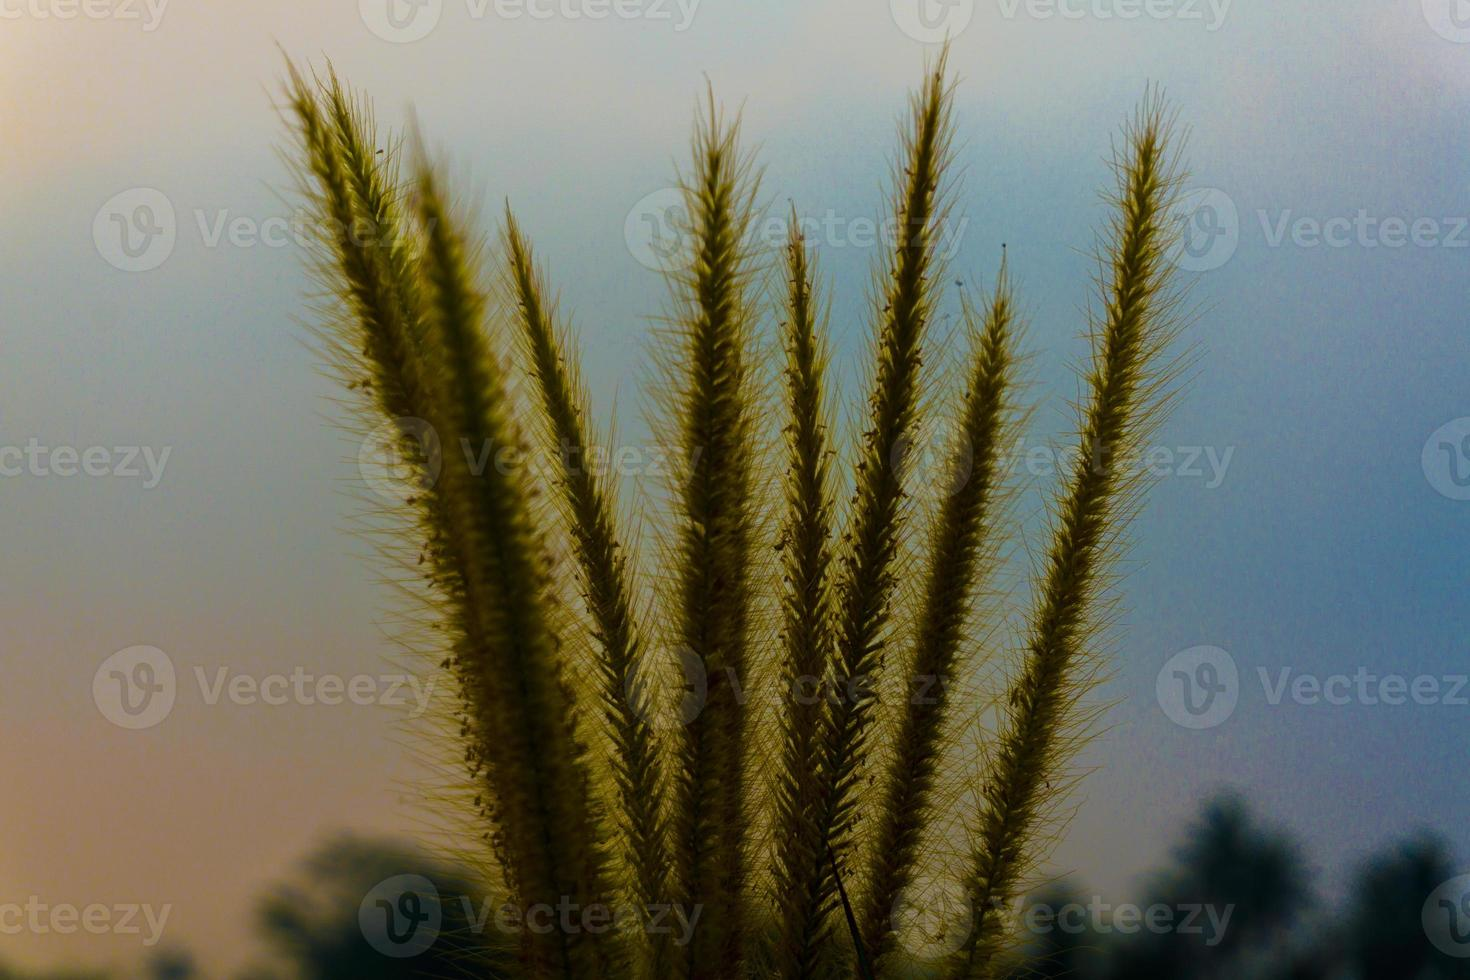 prachtig landschap van riet in het wild foto